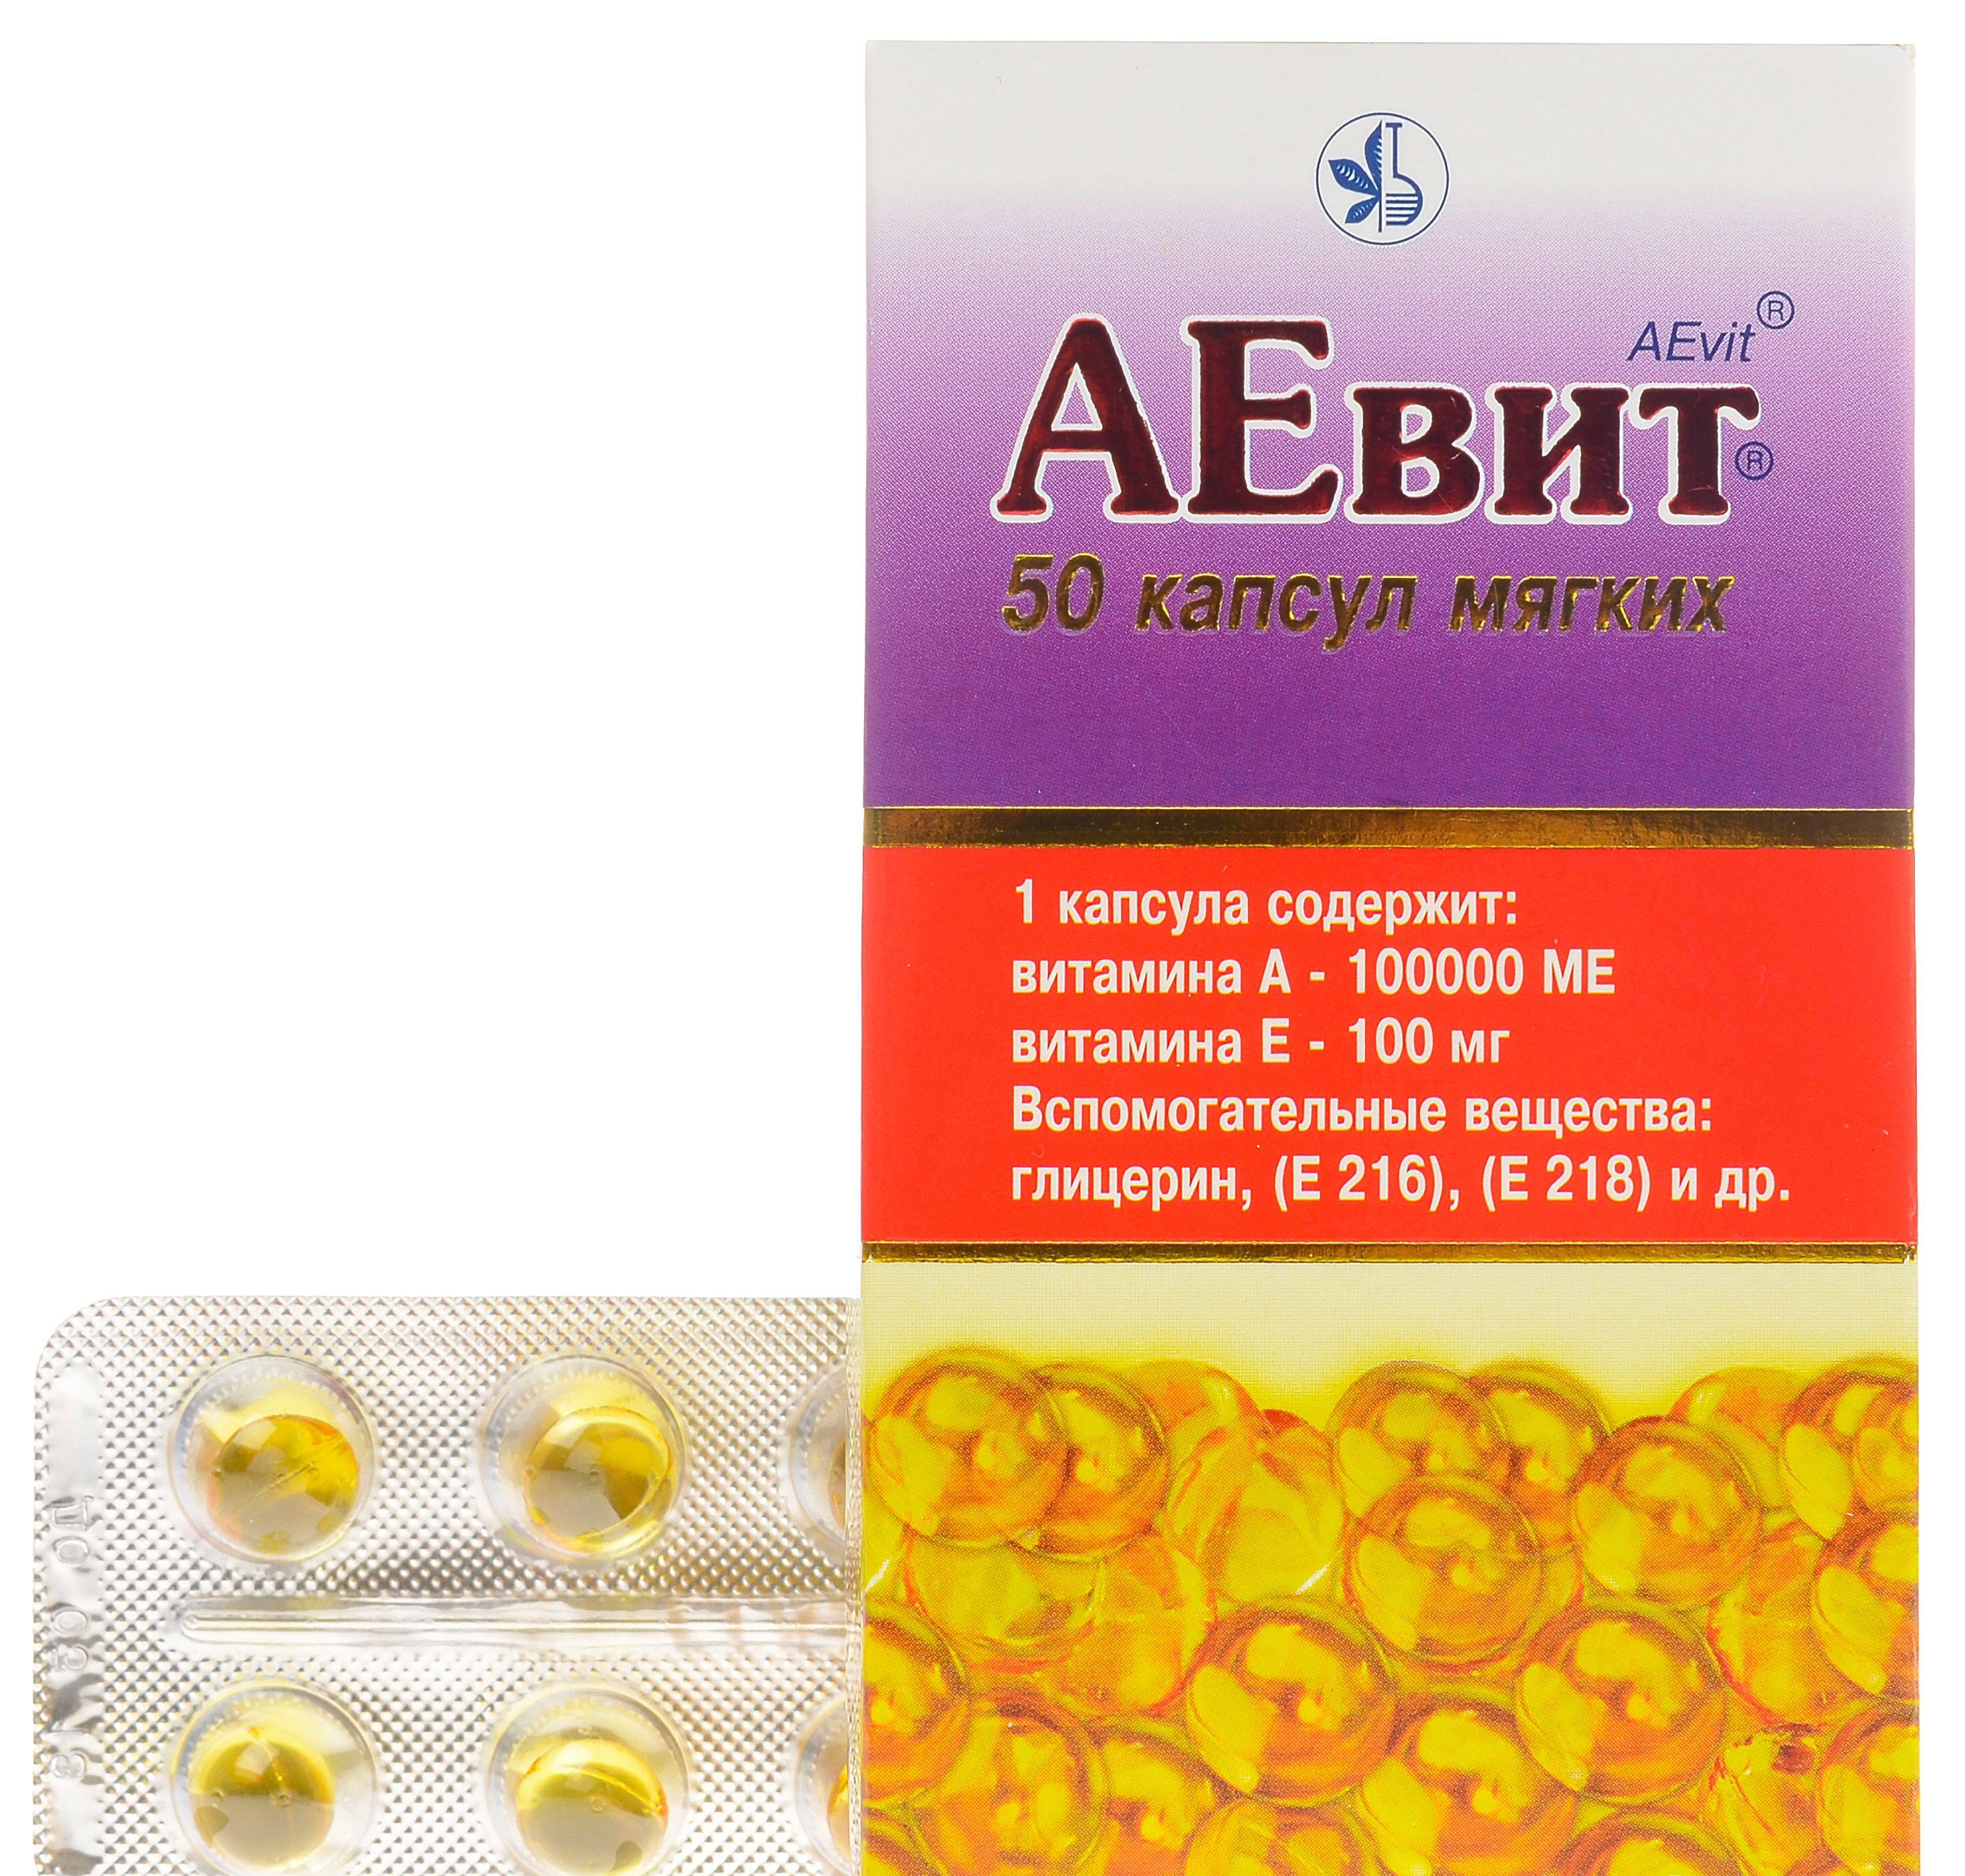 aevit poate fi luată în varicoză